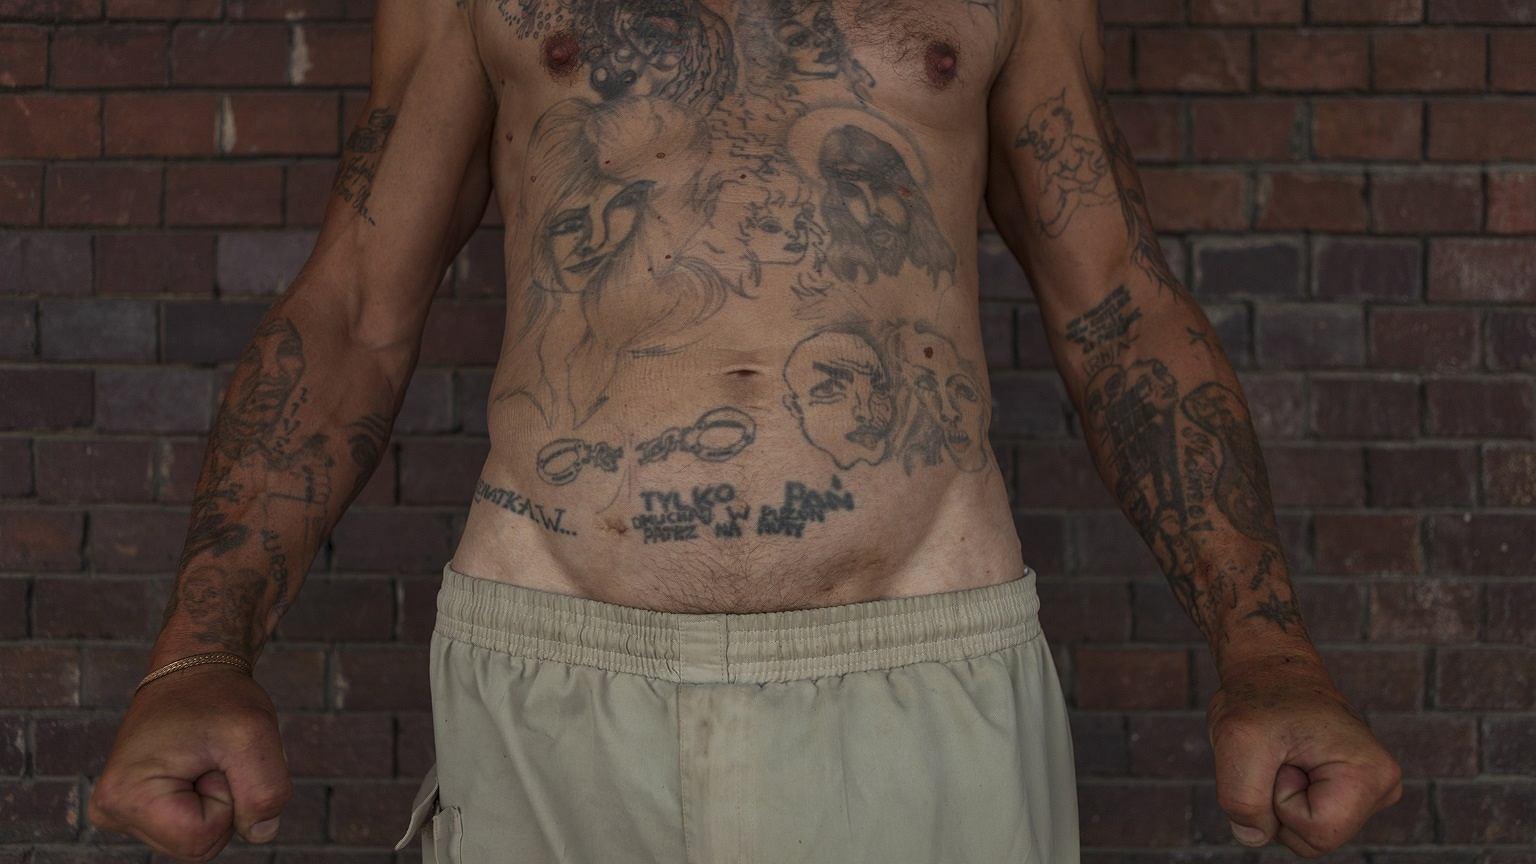 Tatuaże pana Mariana, zdjęcie wykonane w Poznaniu